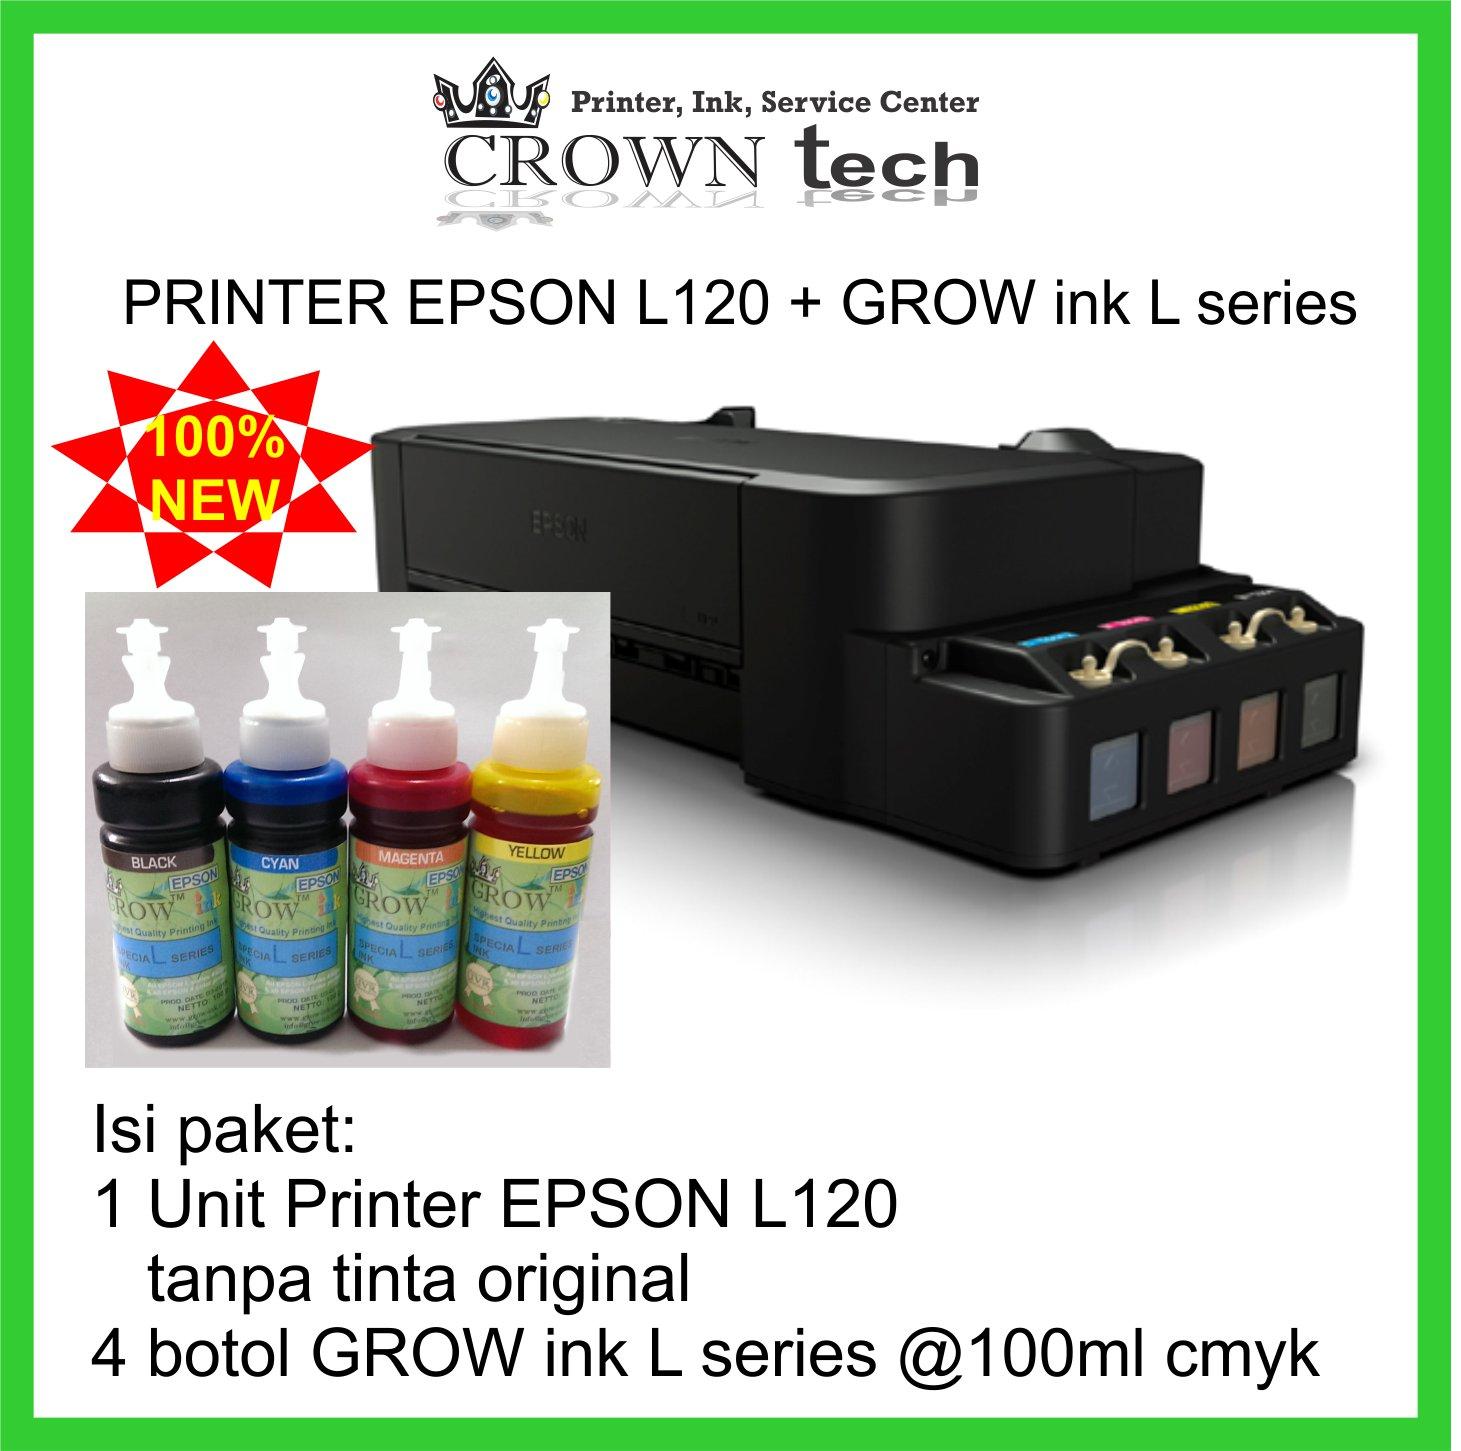 Jual Printer Epson L120 Grow Ink L Series Formula Anti Buntu Tinta Crown Tech Tokopedia